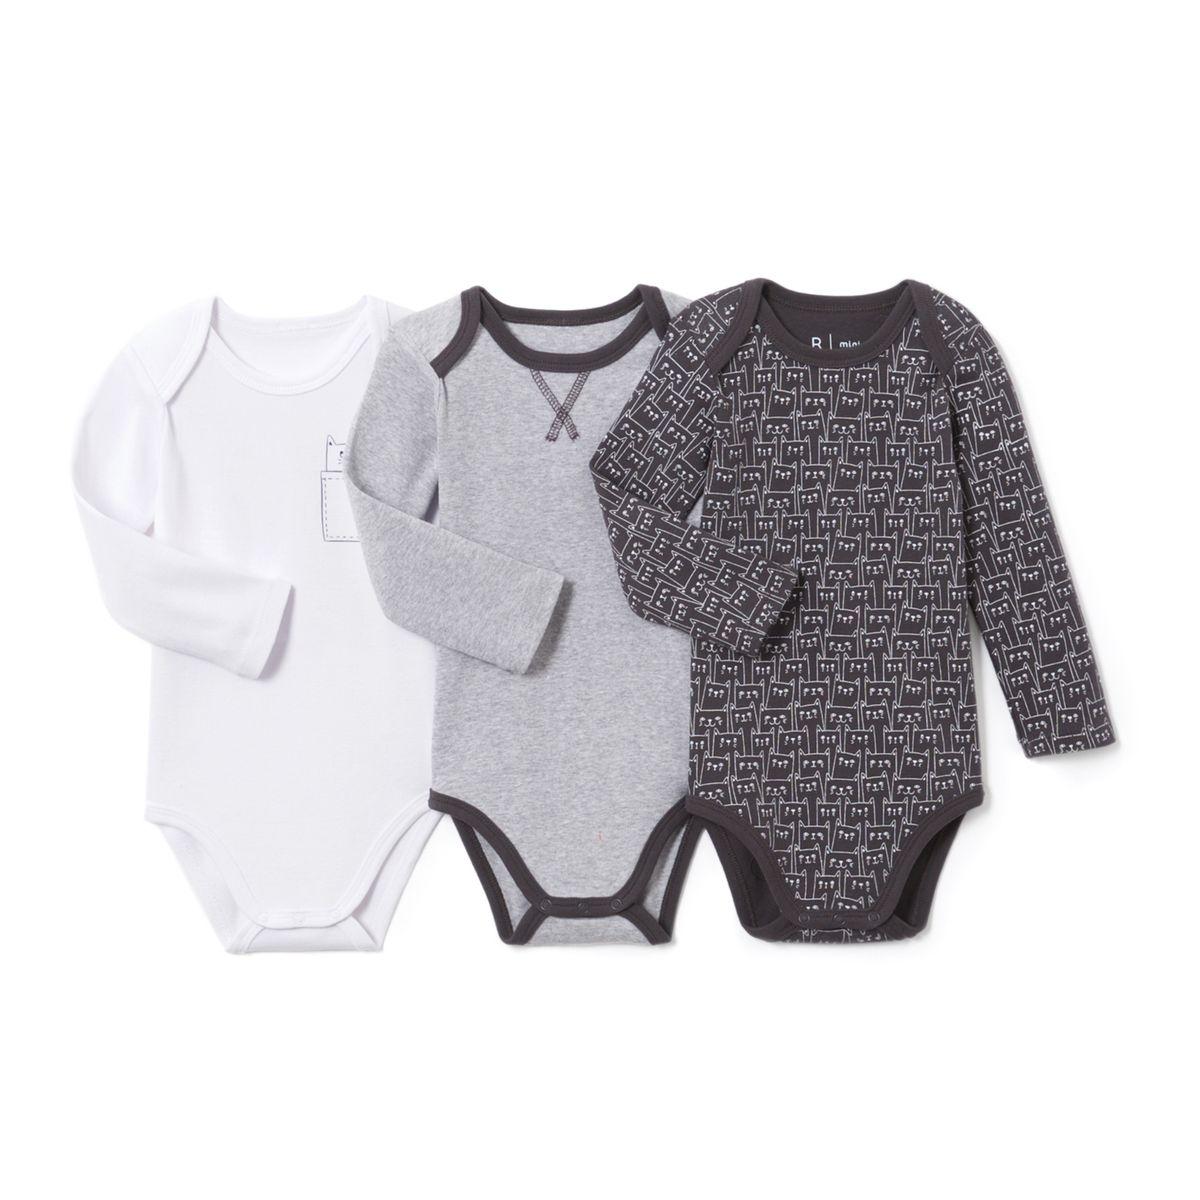 Lot de 3 bodies bébé en coton